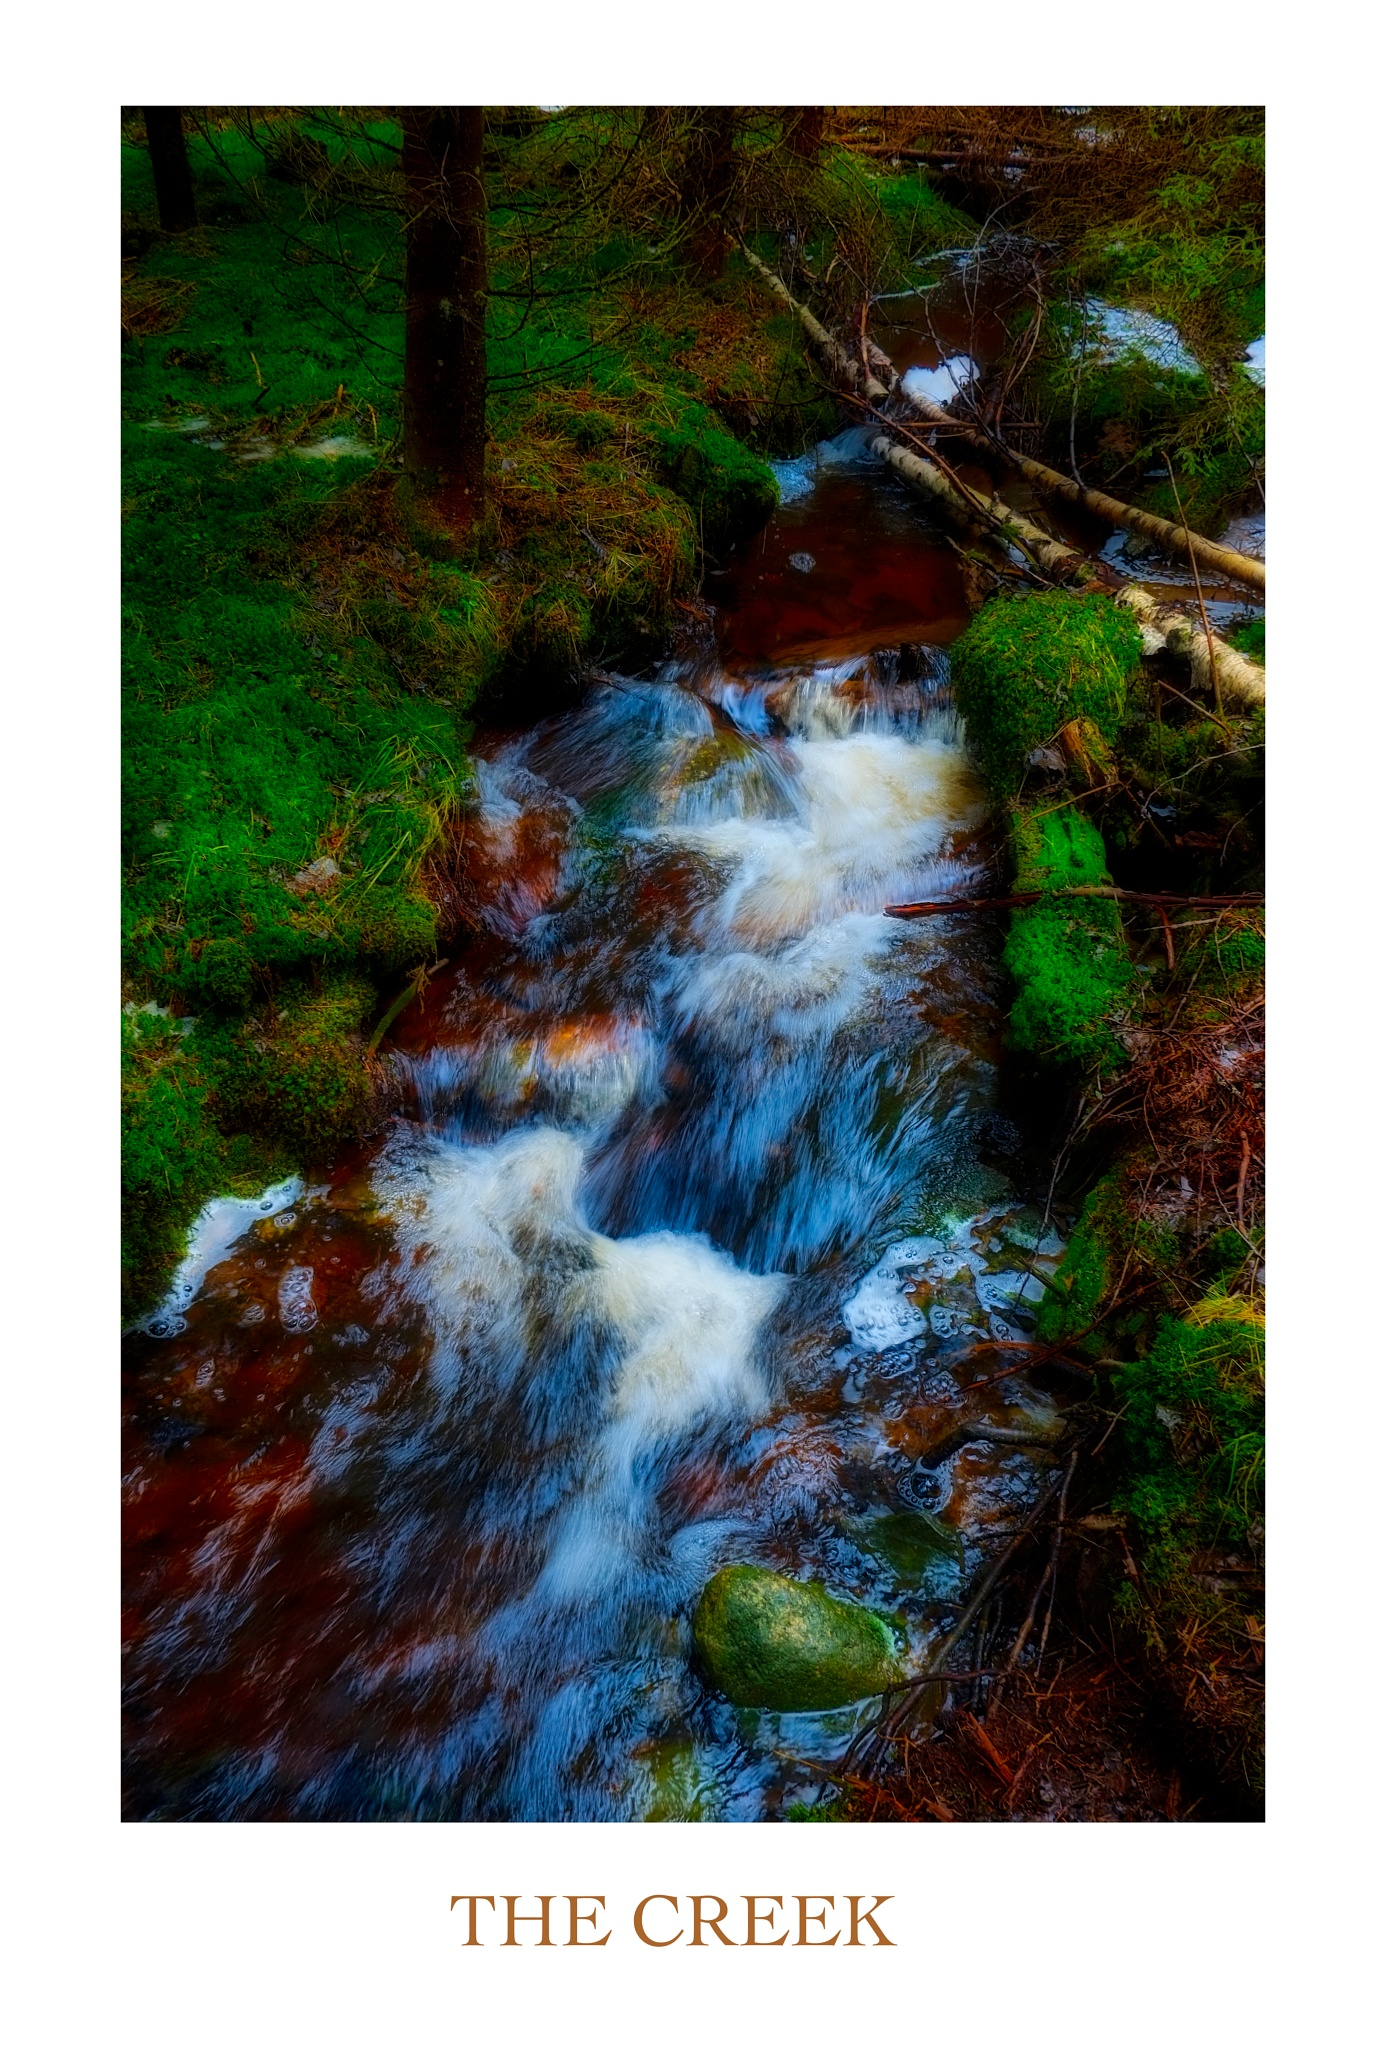 The Creek  by Goran Jorganovich